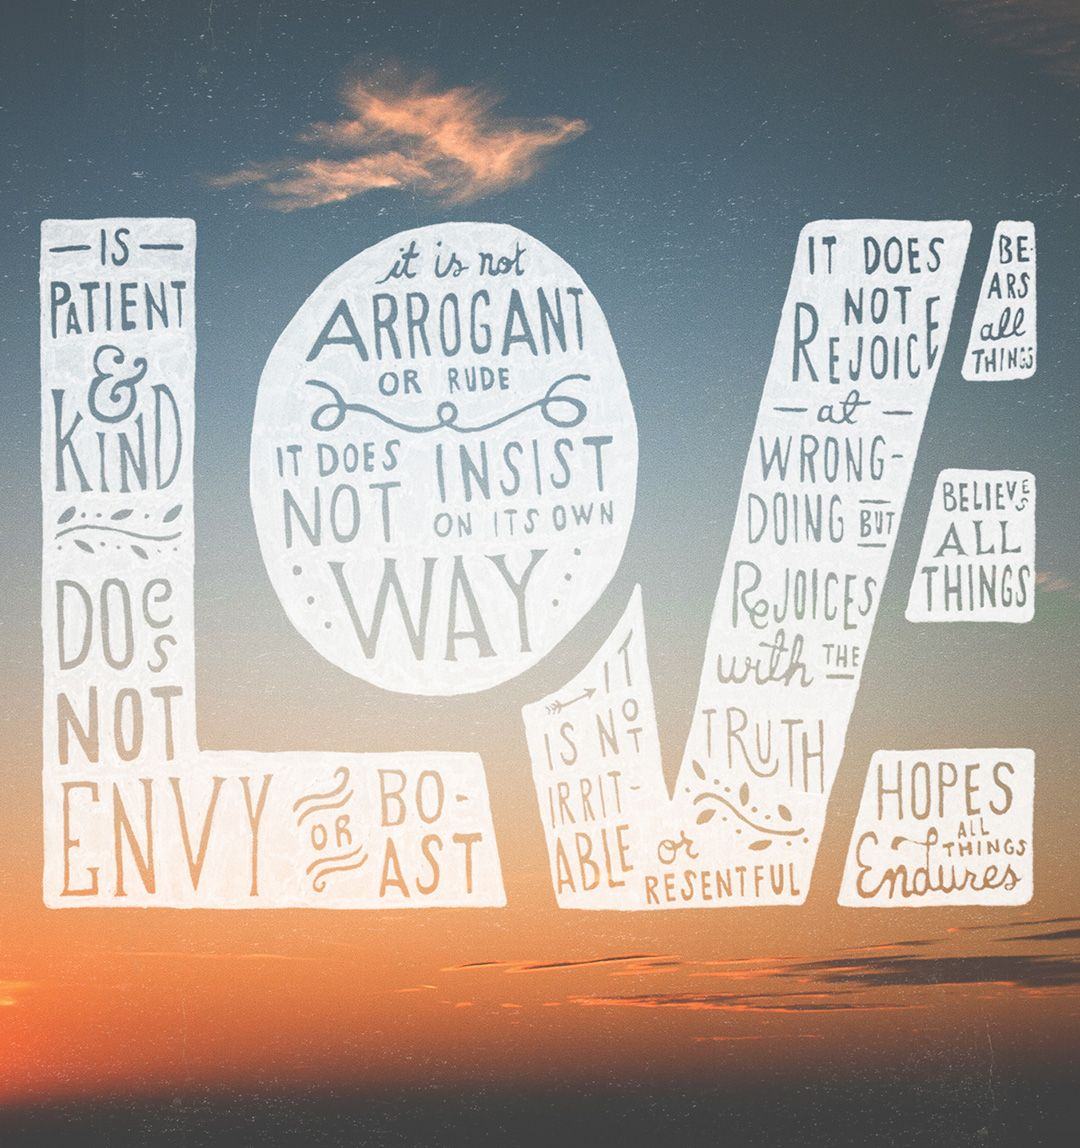 1 Corinthians 13 4 7 Words